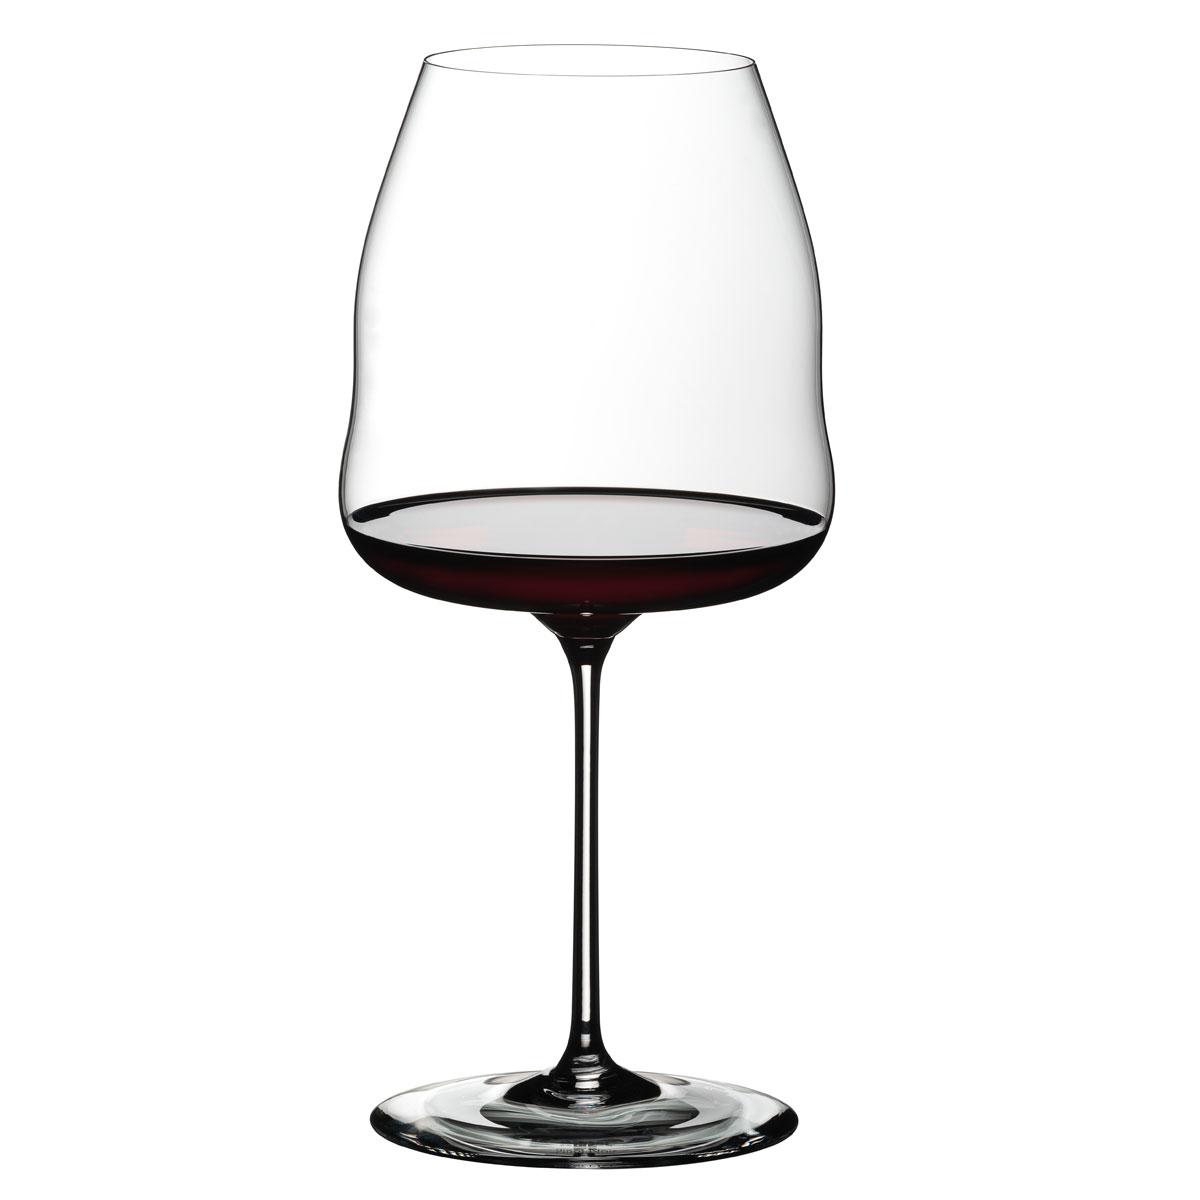 Riedel Winewings Pinot Noir Nebbiolo Wine Glass, Single